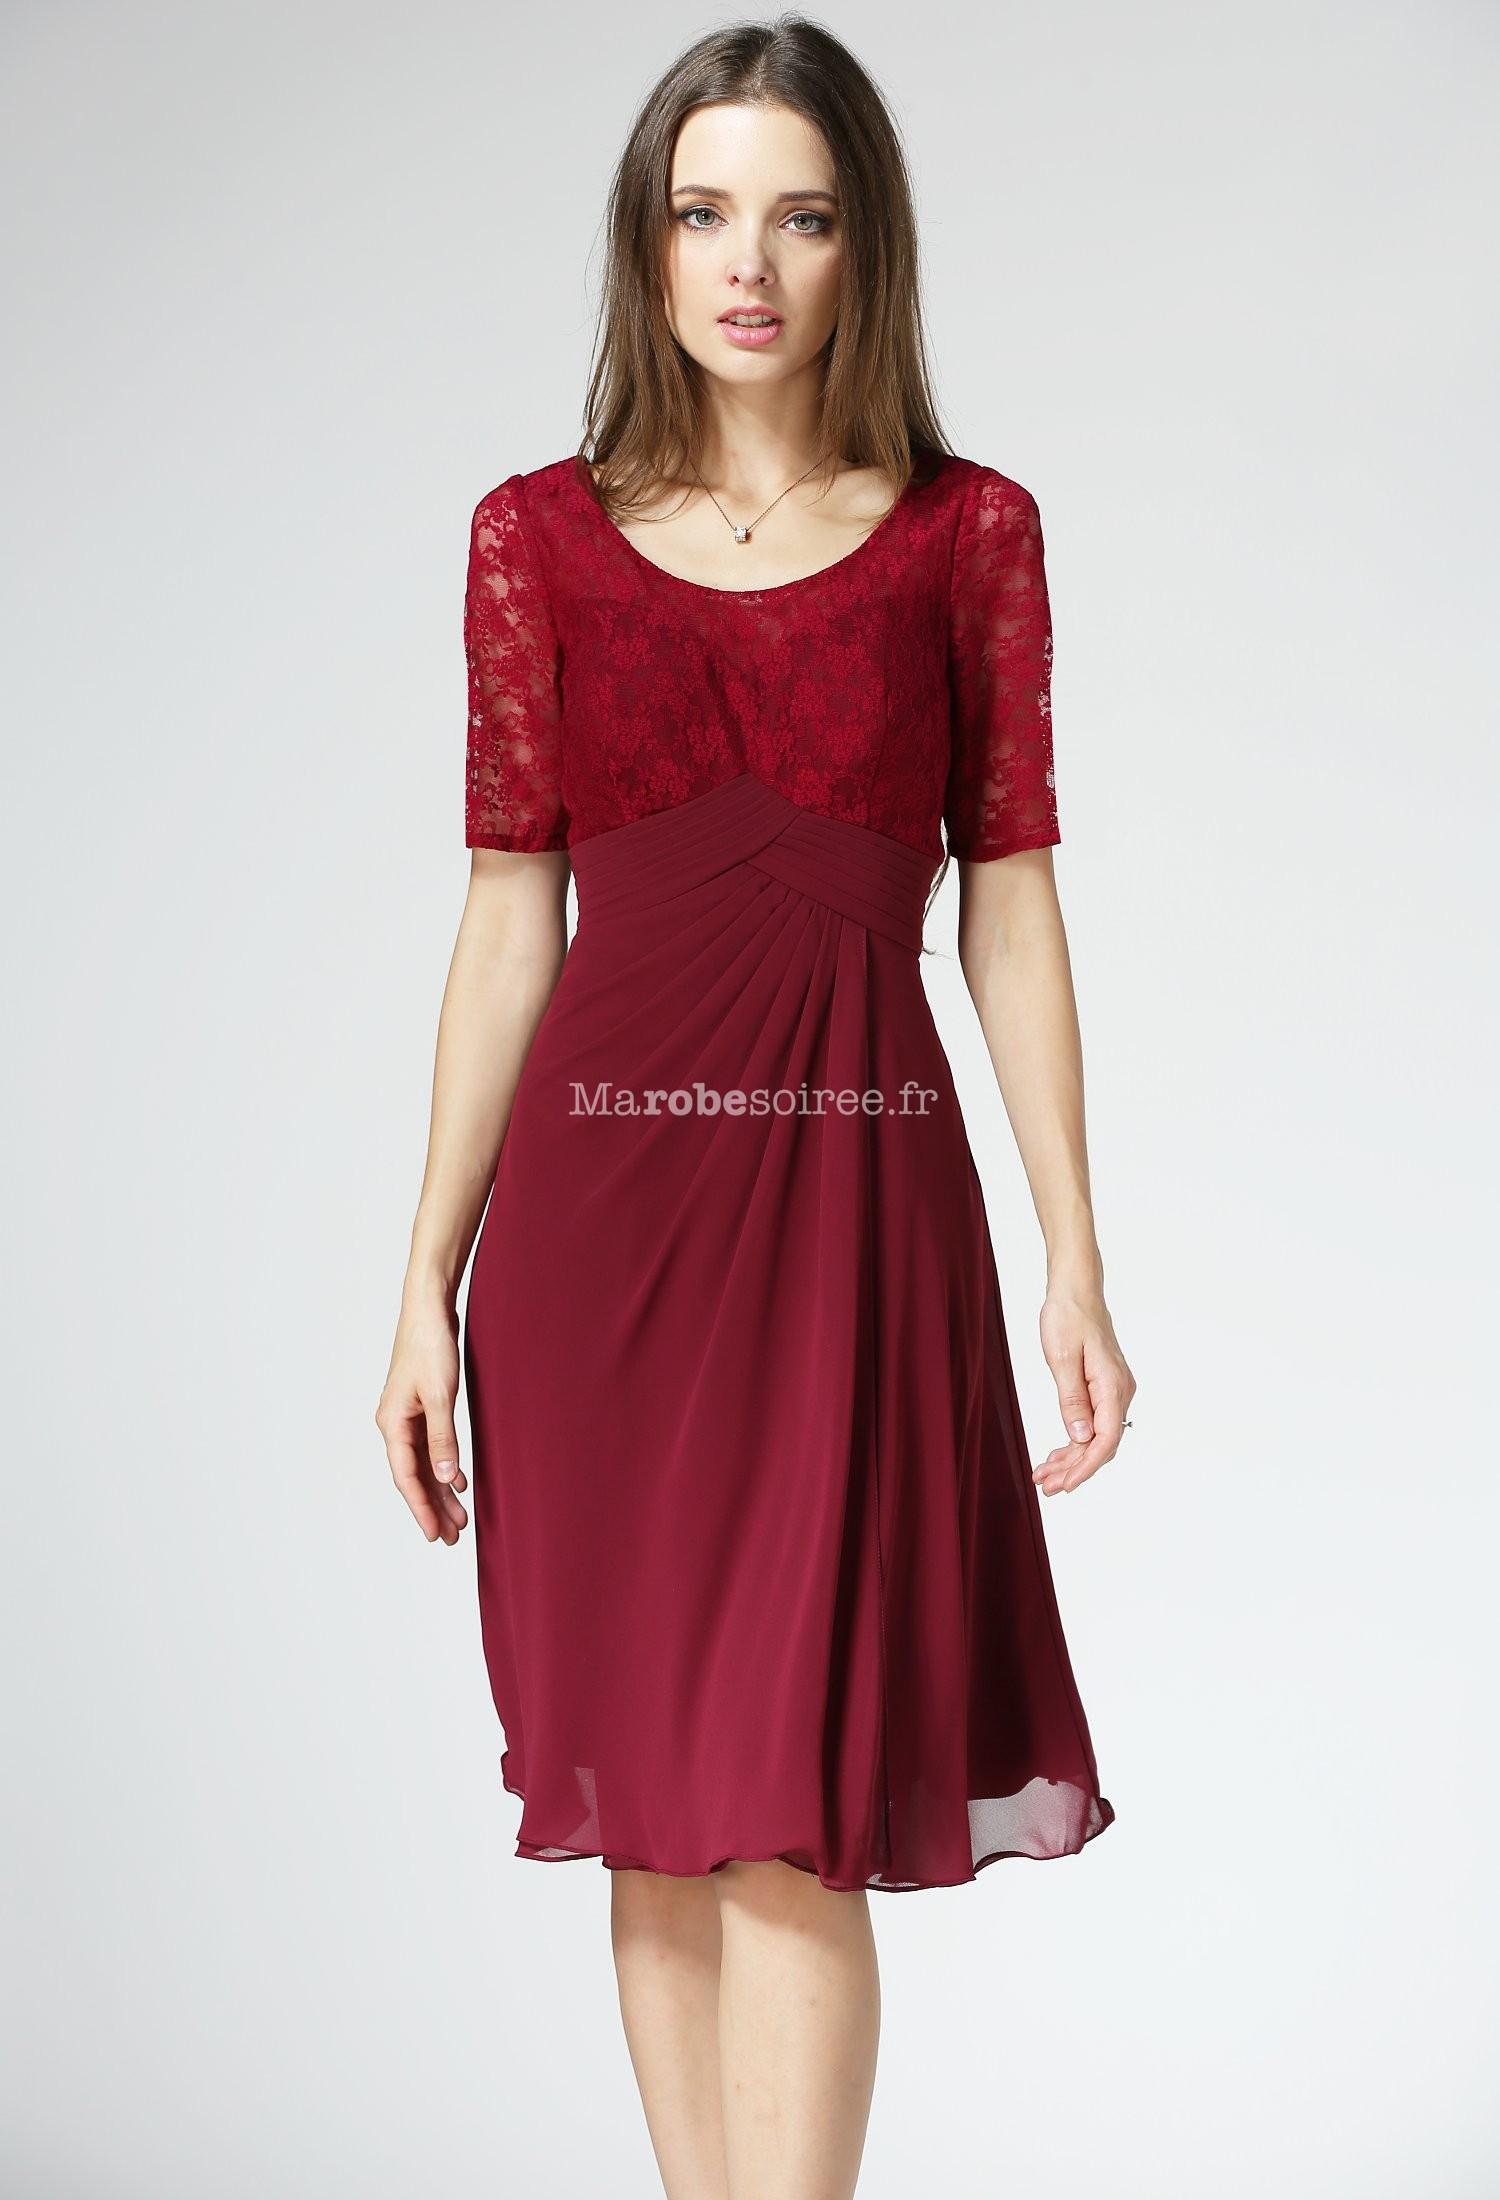 7c03a7ad52b ... bustier dentelle fleuri réf 1520. Robe de mère de mariée courte  Robe  de mère de mariée manches courtes ...